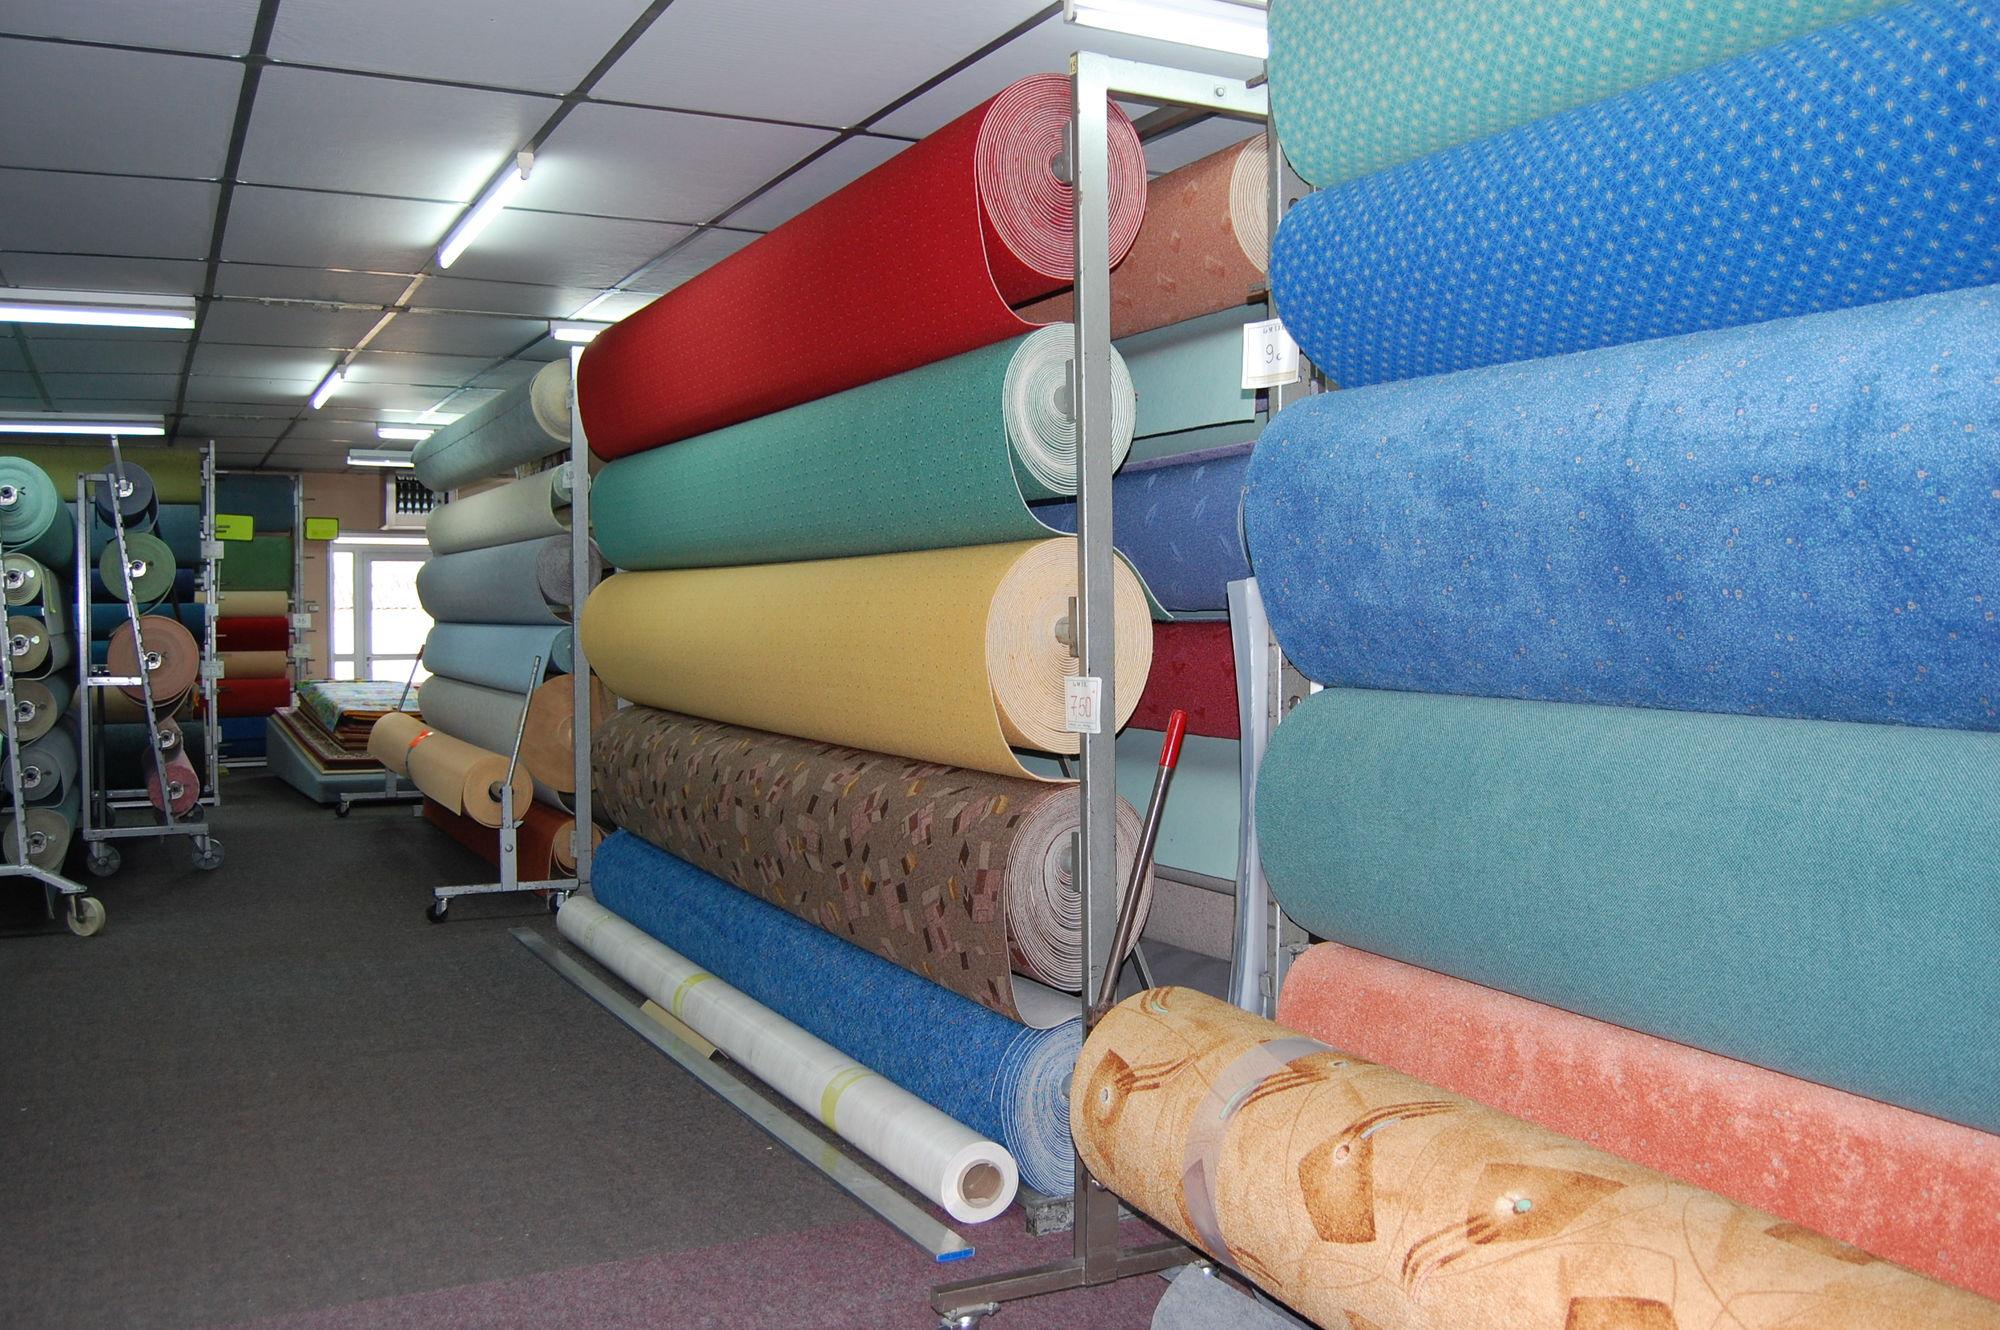 moquette joigny peau tapis store tissus voilage rideau peinture papier peint lino auxerre sens yonne. Black Bedroom Furniture Sets. Home Design Ideas